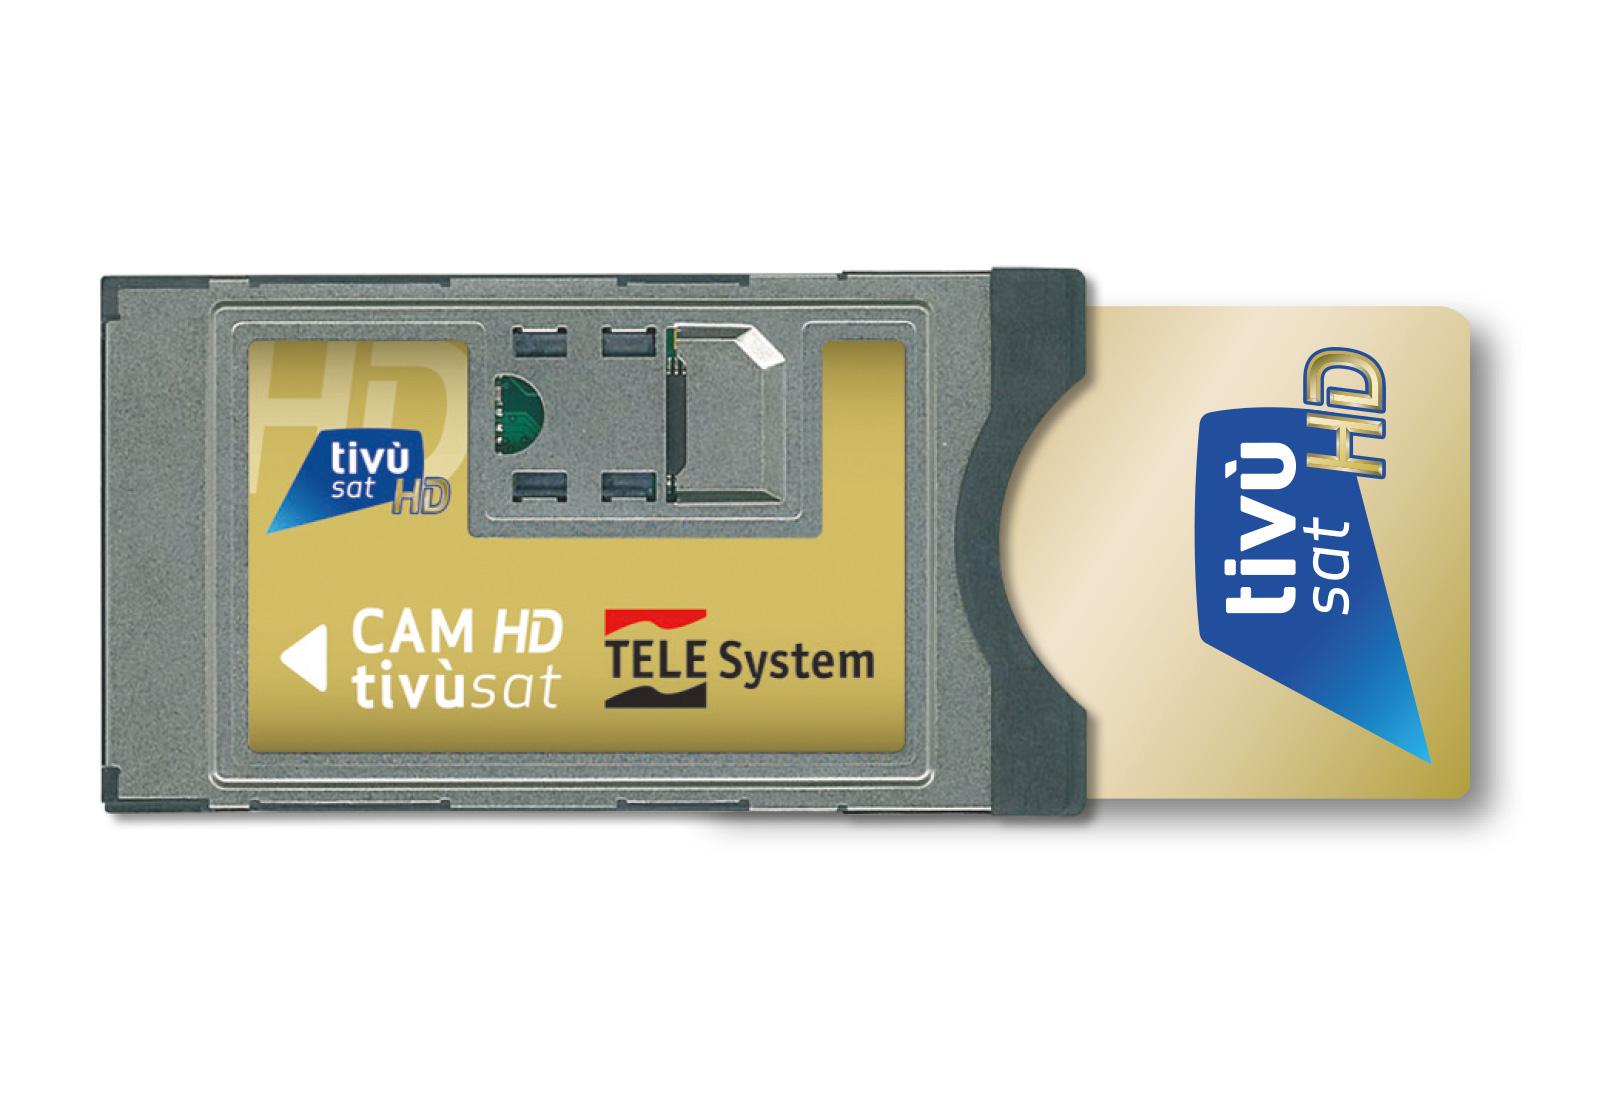 Aggiornamento Cam C.I+ Tivusat (Versione Sw 20.00.01.01.01.03)